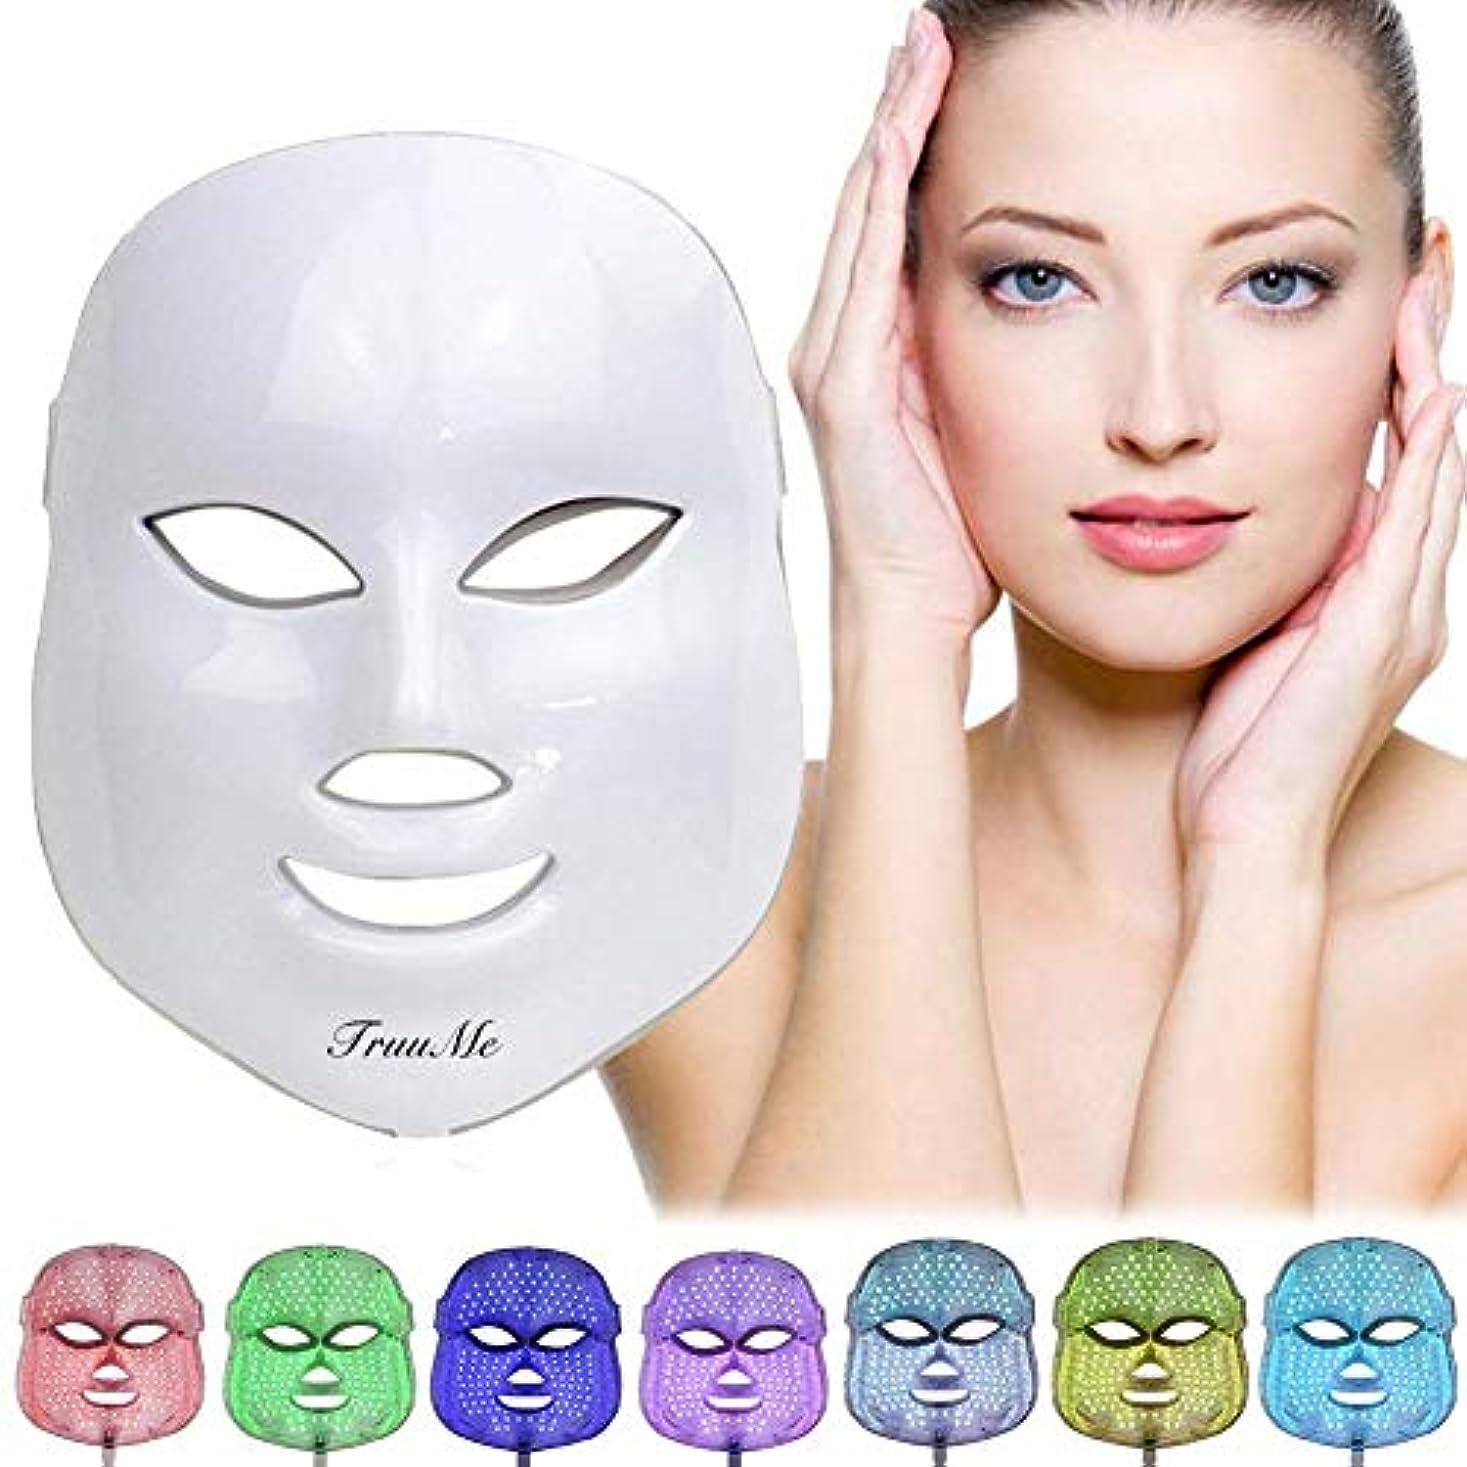 急速な幽霊繰り返しLEDフェイスマスク、ライトセラピーニキビマスク、LEDフェイシャルマスク、光線療法マスク、LEDエレクトリックフェイシャルマスク、7色光治療、ニキビ治療用マスク、斑点、にきび、皮膚のシミ